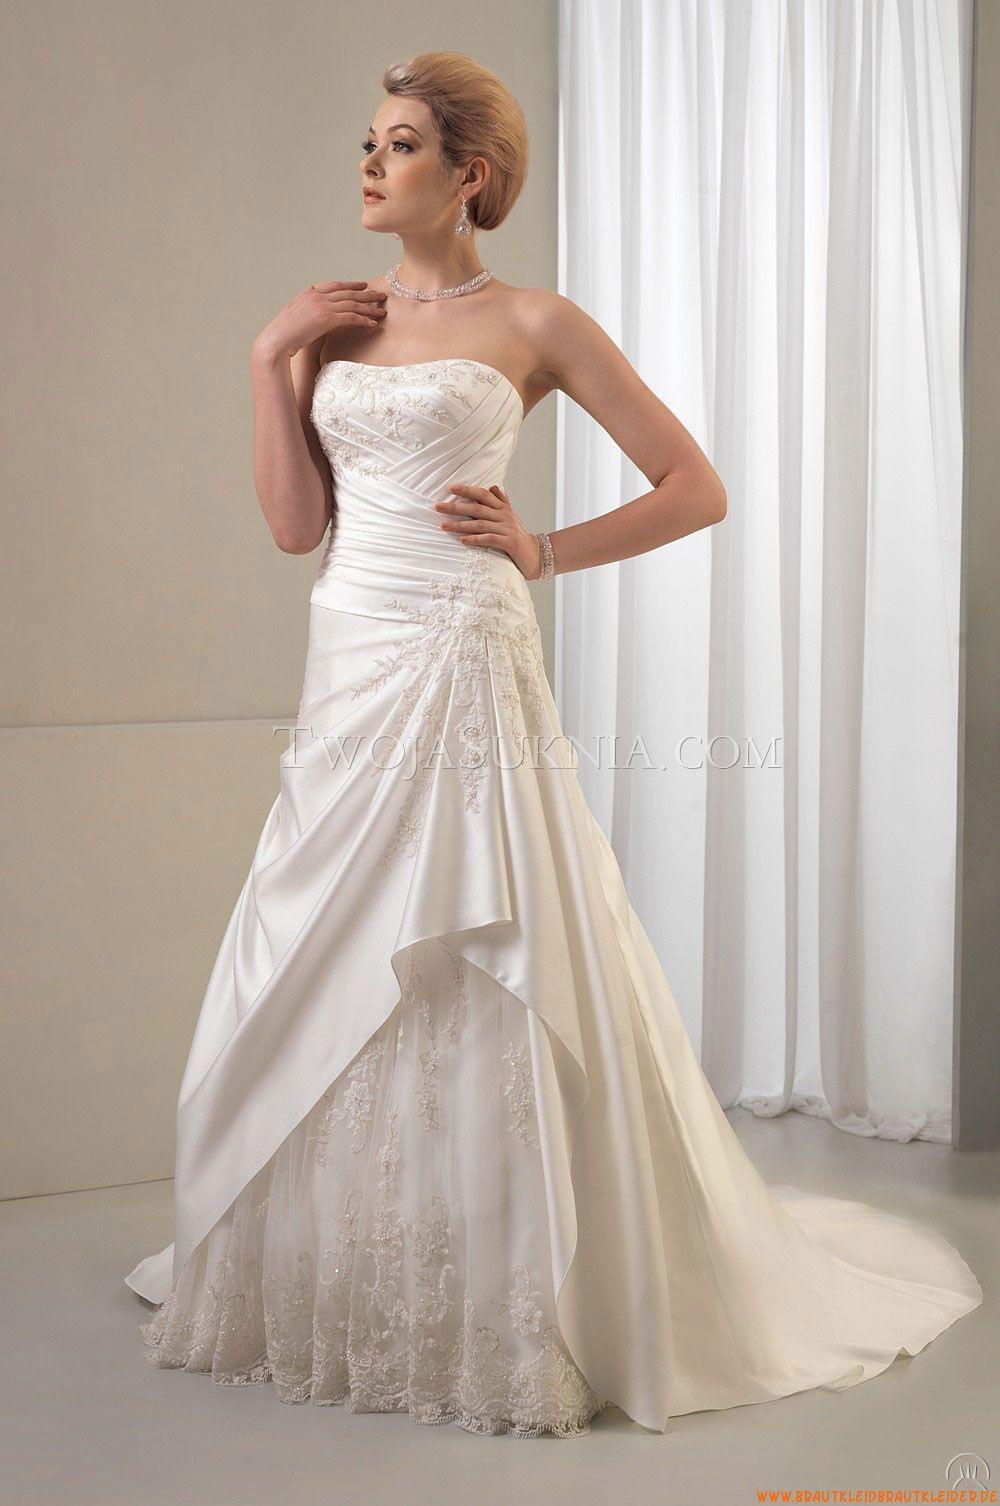 Formal Kreativ Günstige Brautkleider Spezialgebiet Luxus Günstige Brautkleider Spezialgebiet